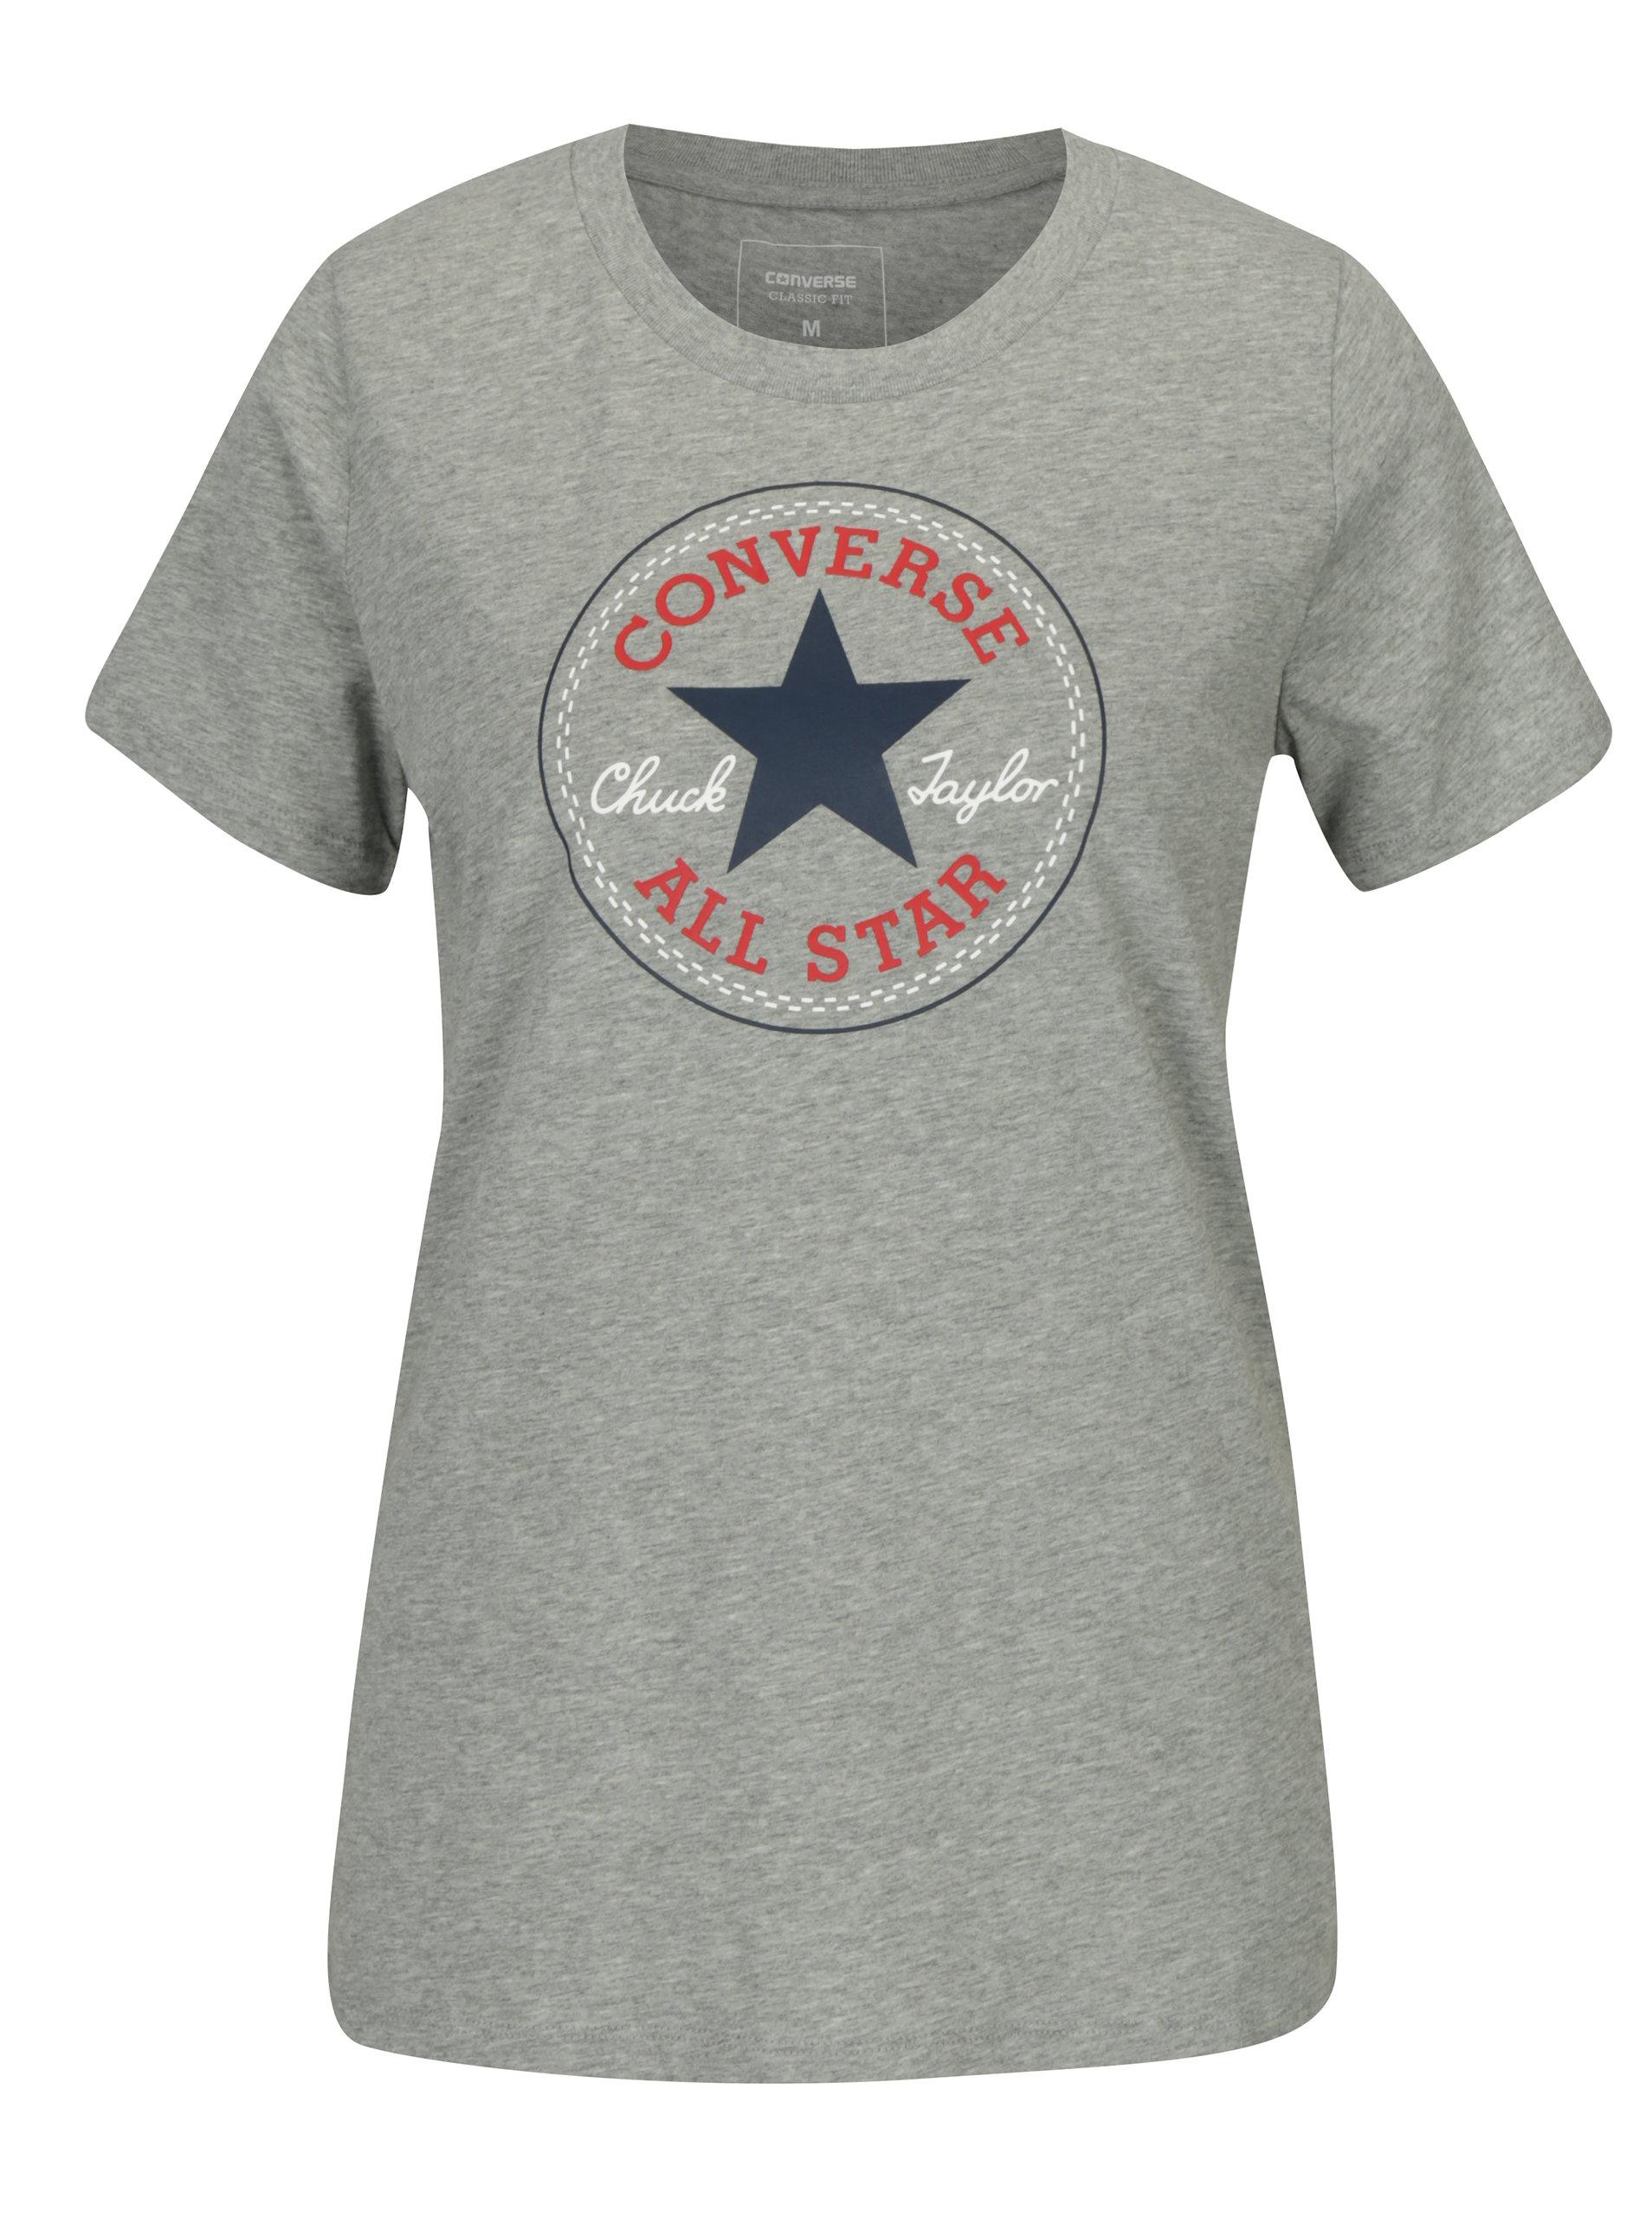 Šedé dámské žíhané tričko s potiskem Converse Core ... 9e65411e14